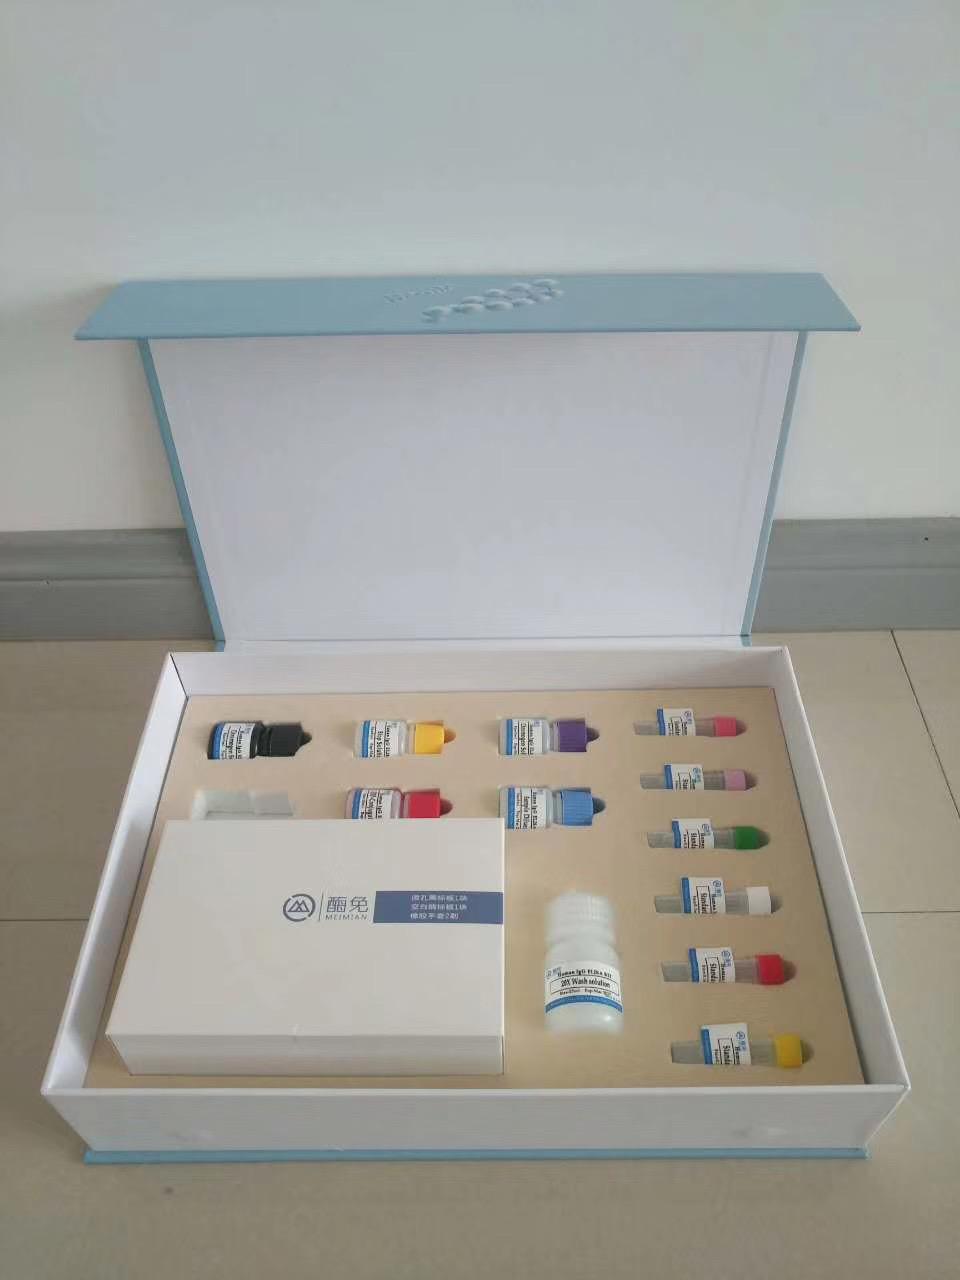 地塞米松(DEX)试剂盒 ELISA试剂盒